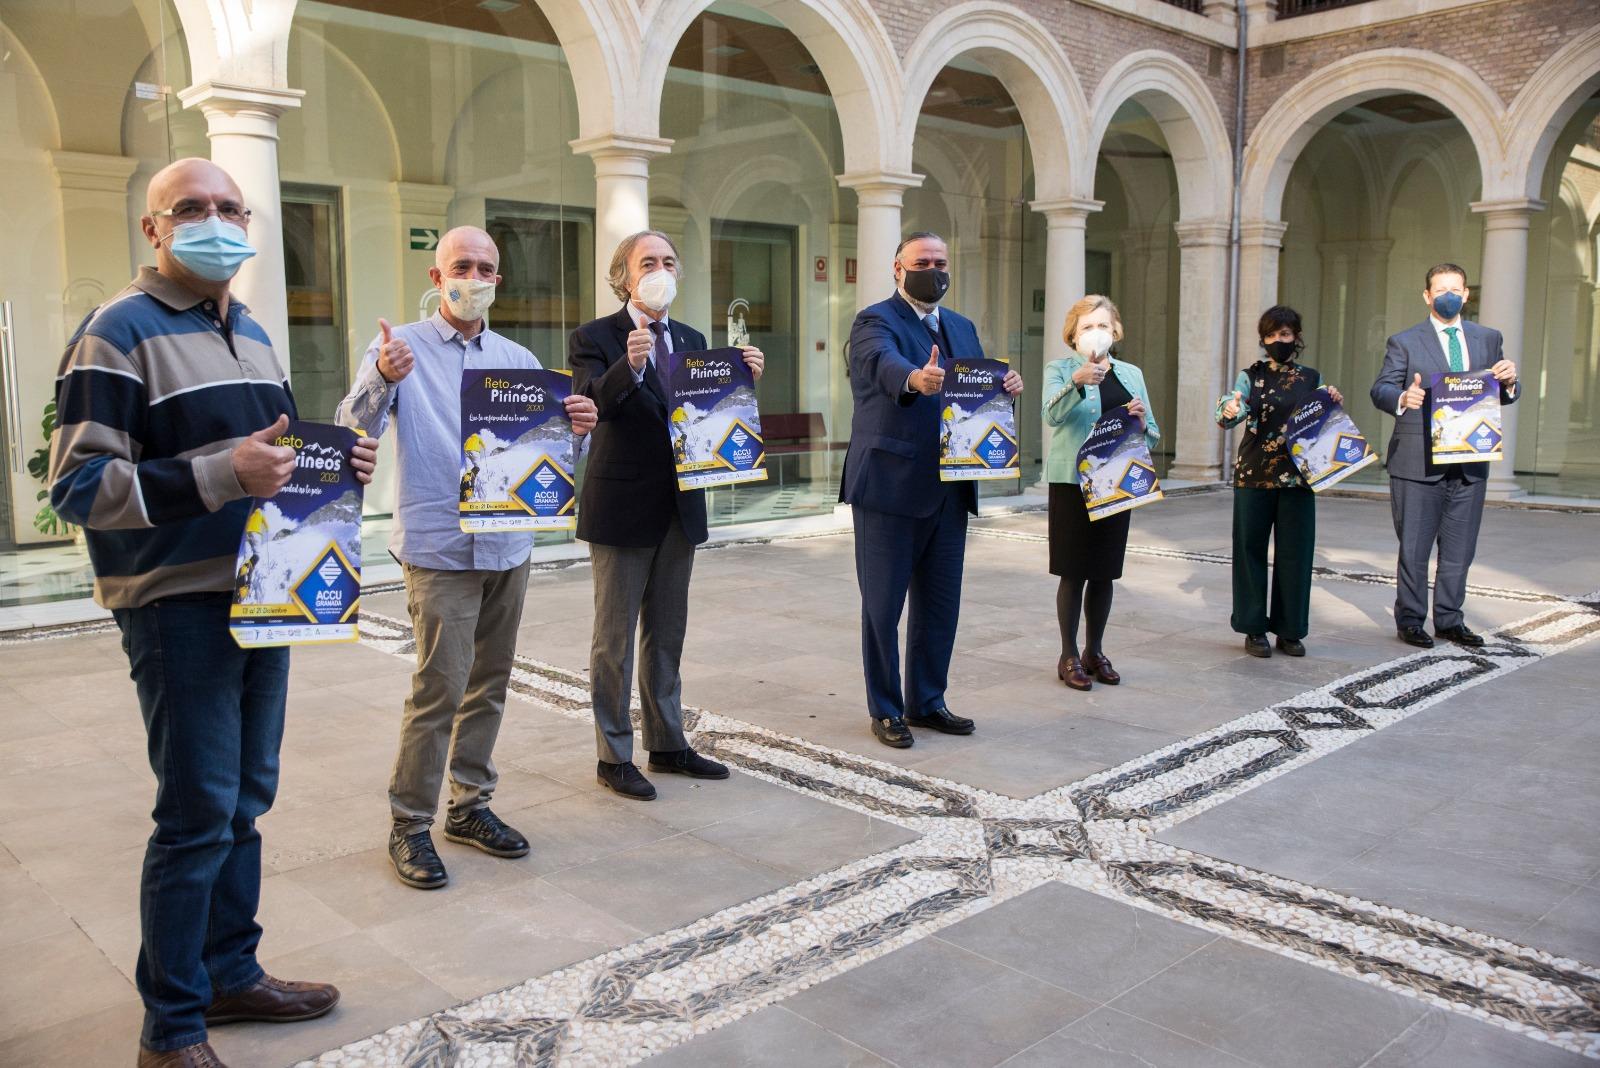 La Junta apoya el Proyecto Pirineos 2020 impulsado desde la Asociación de Personas con Crohn y colitis ulcerosas